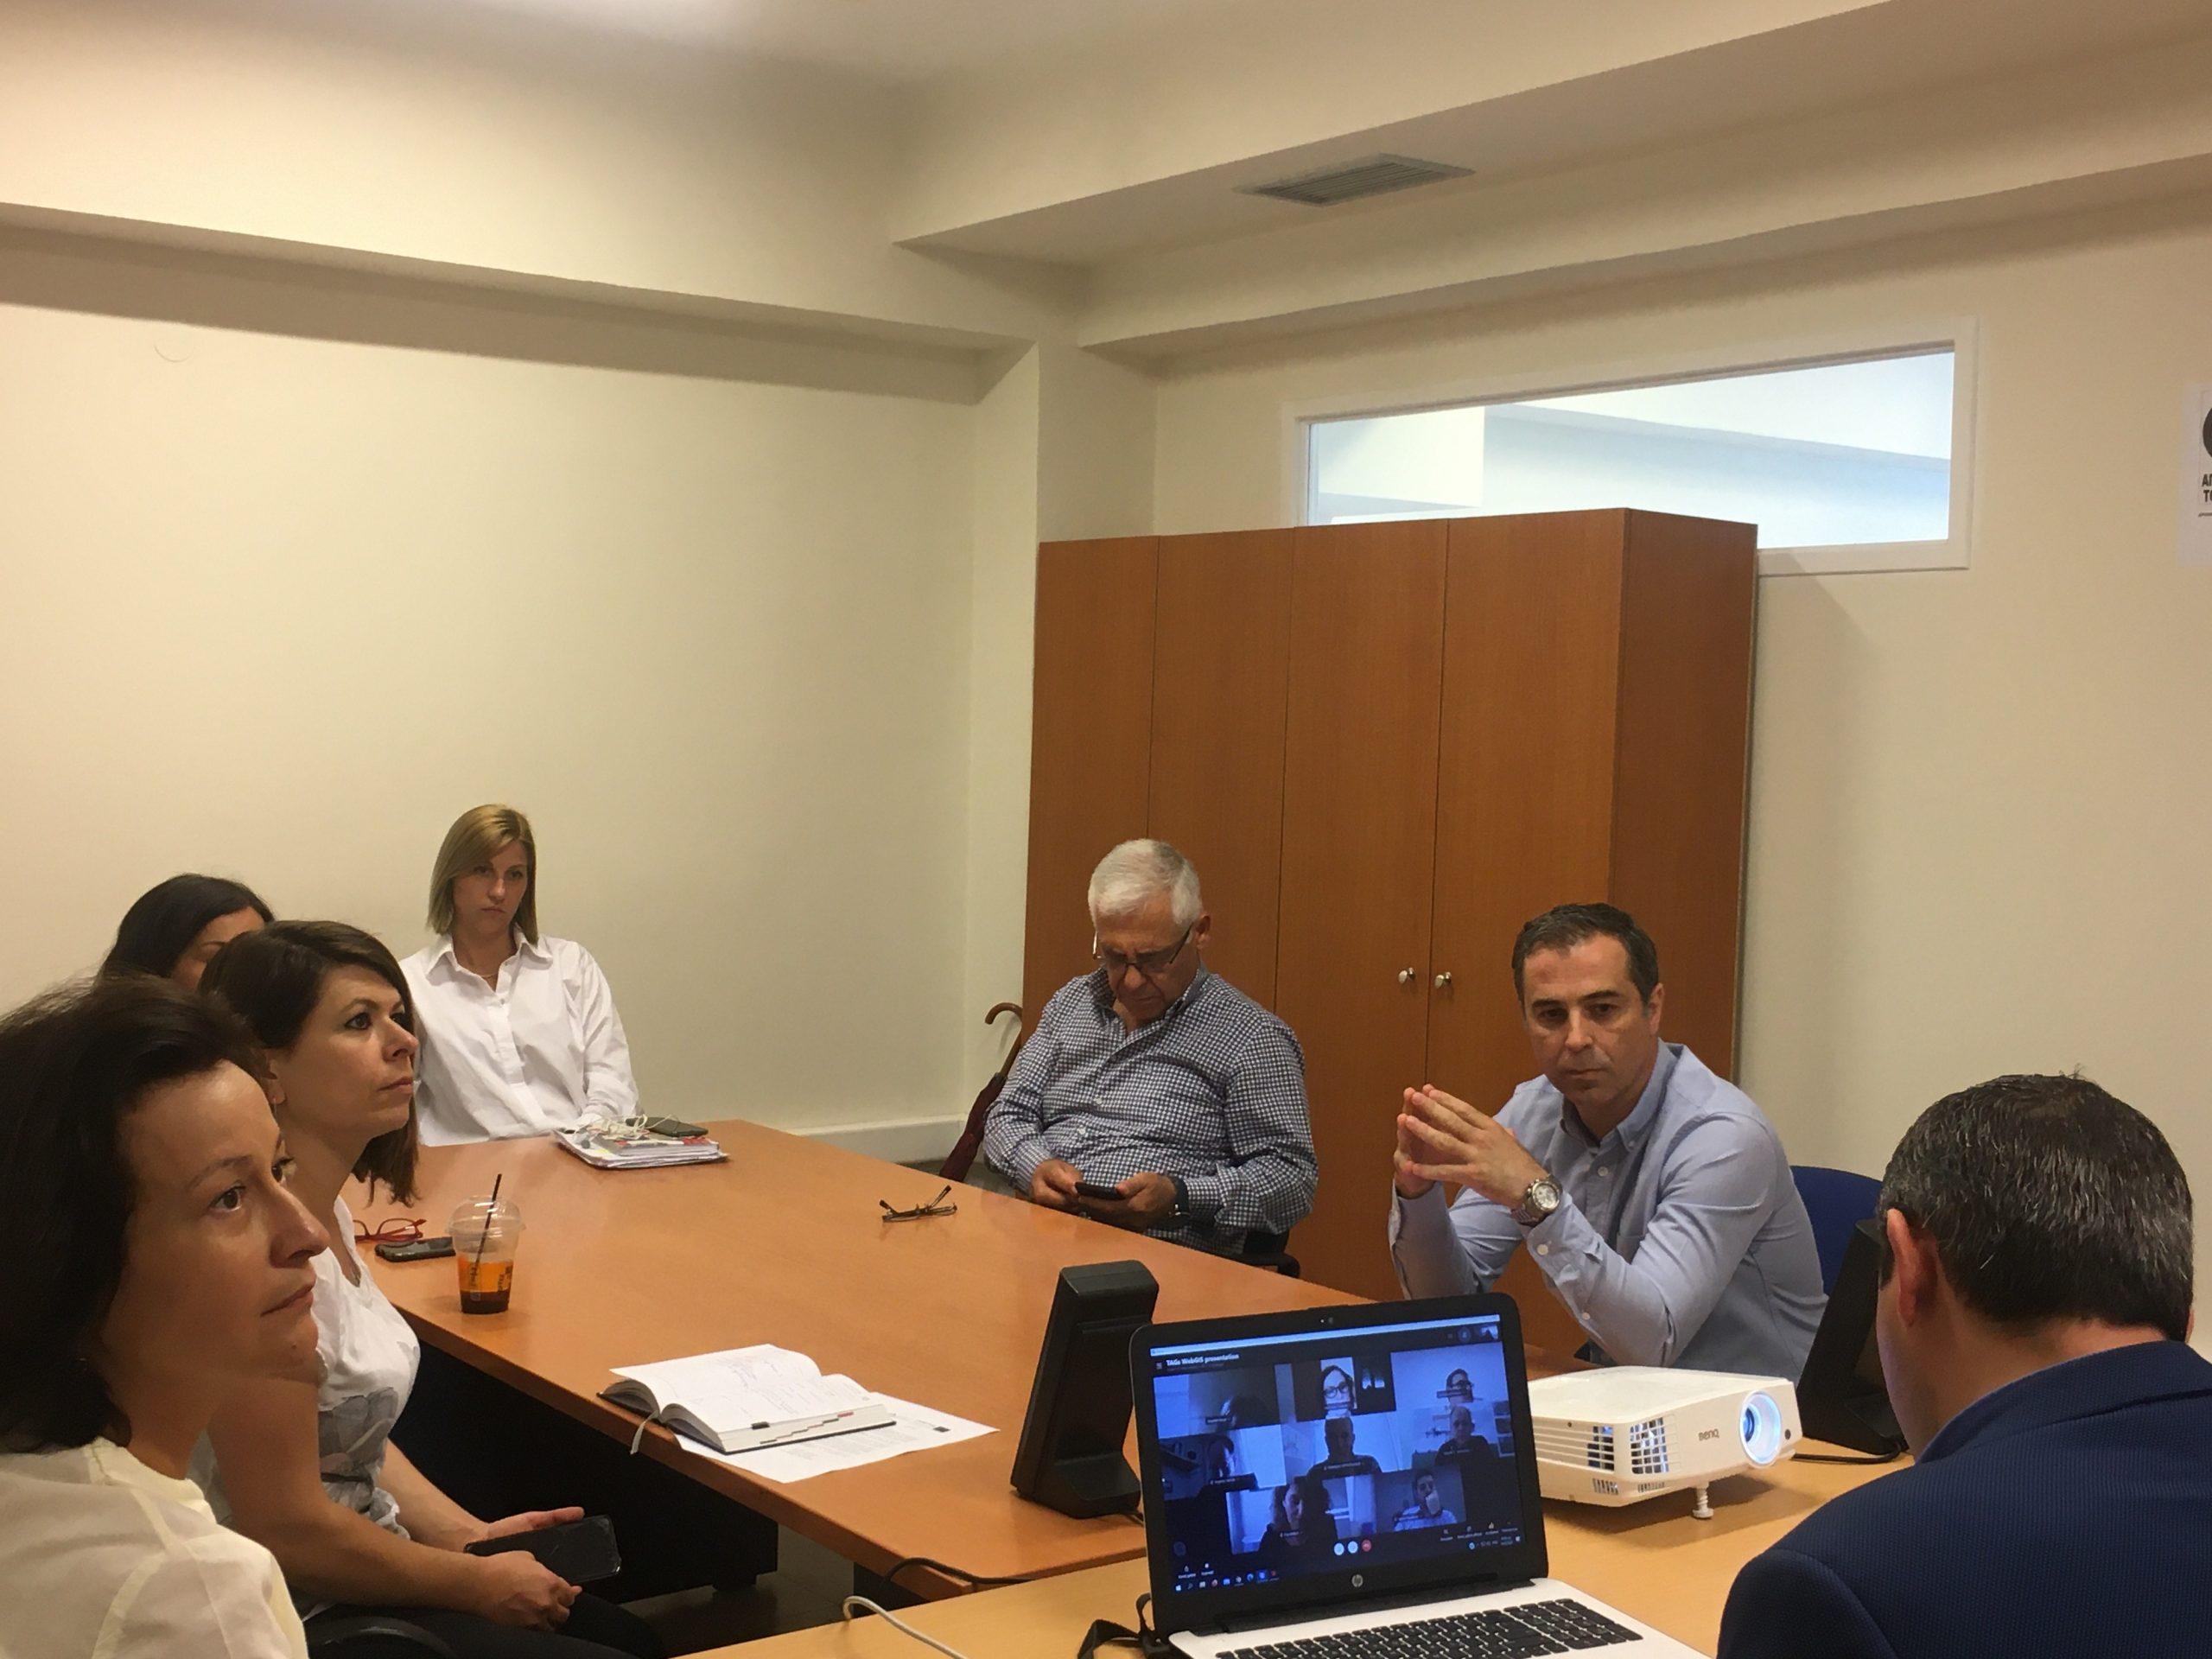 ΠΔΕ: Σημαντικά εργαλεία για την «Γεωργία Ακριβείας» στην Περιφέρεια Δυτικής Ελλάδας στο πλαίσιο του ευρωπαϊκού έργου TAGs